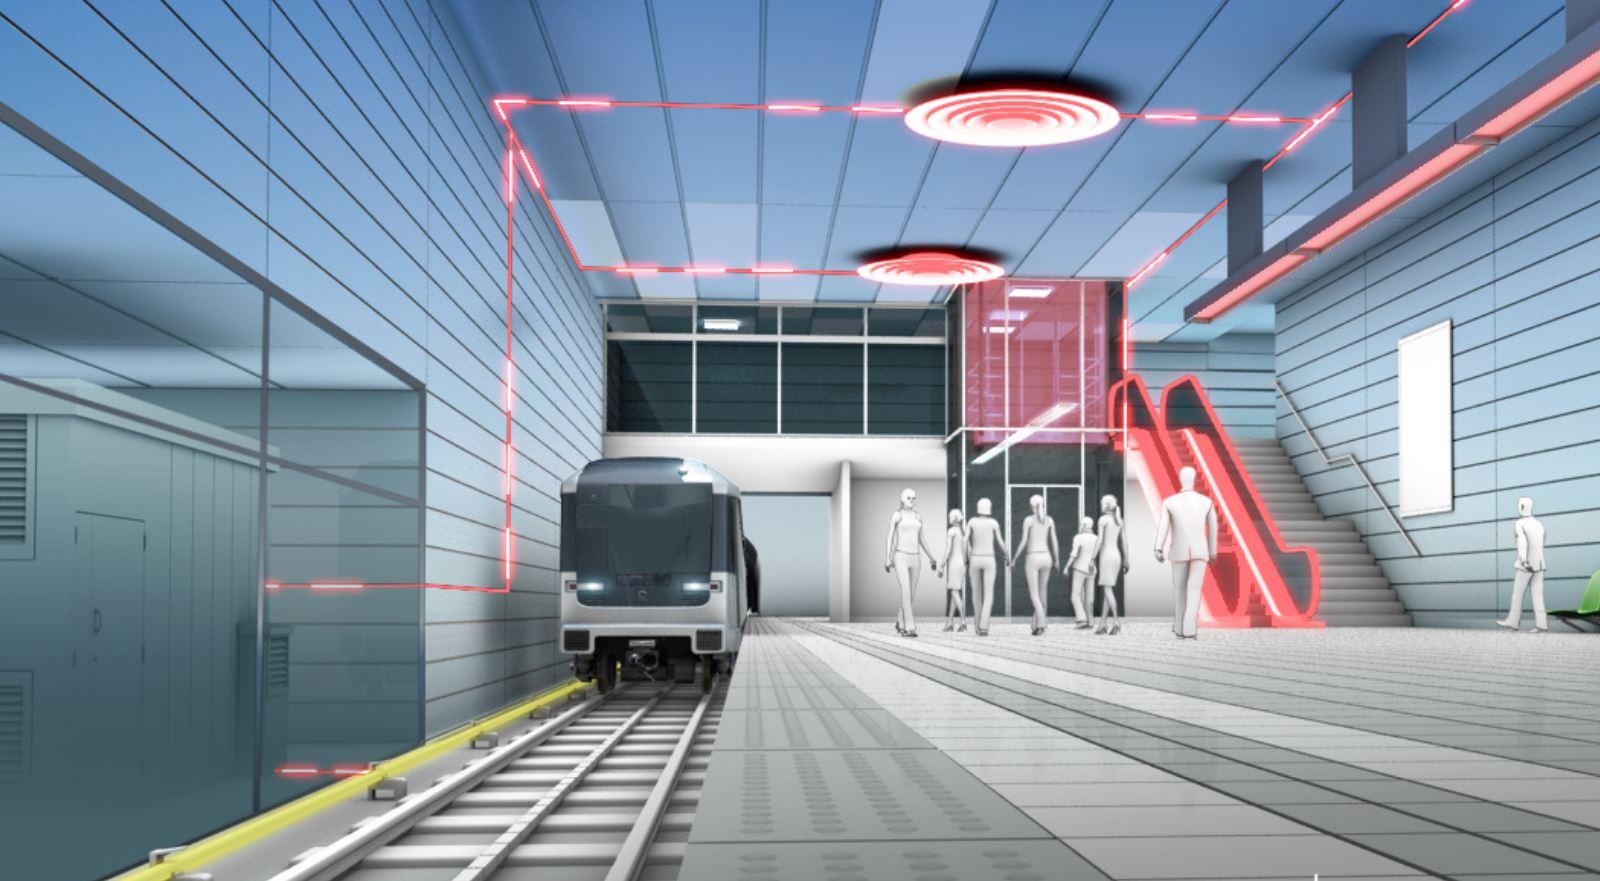 Alstom's Hesop system at a station